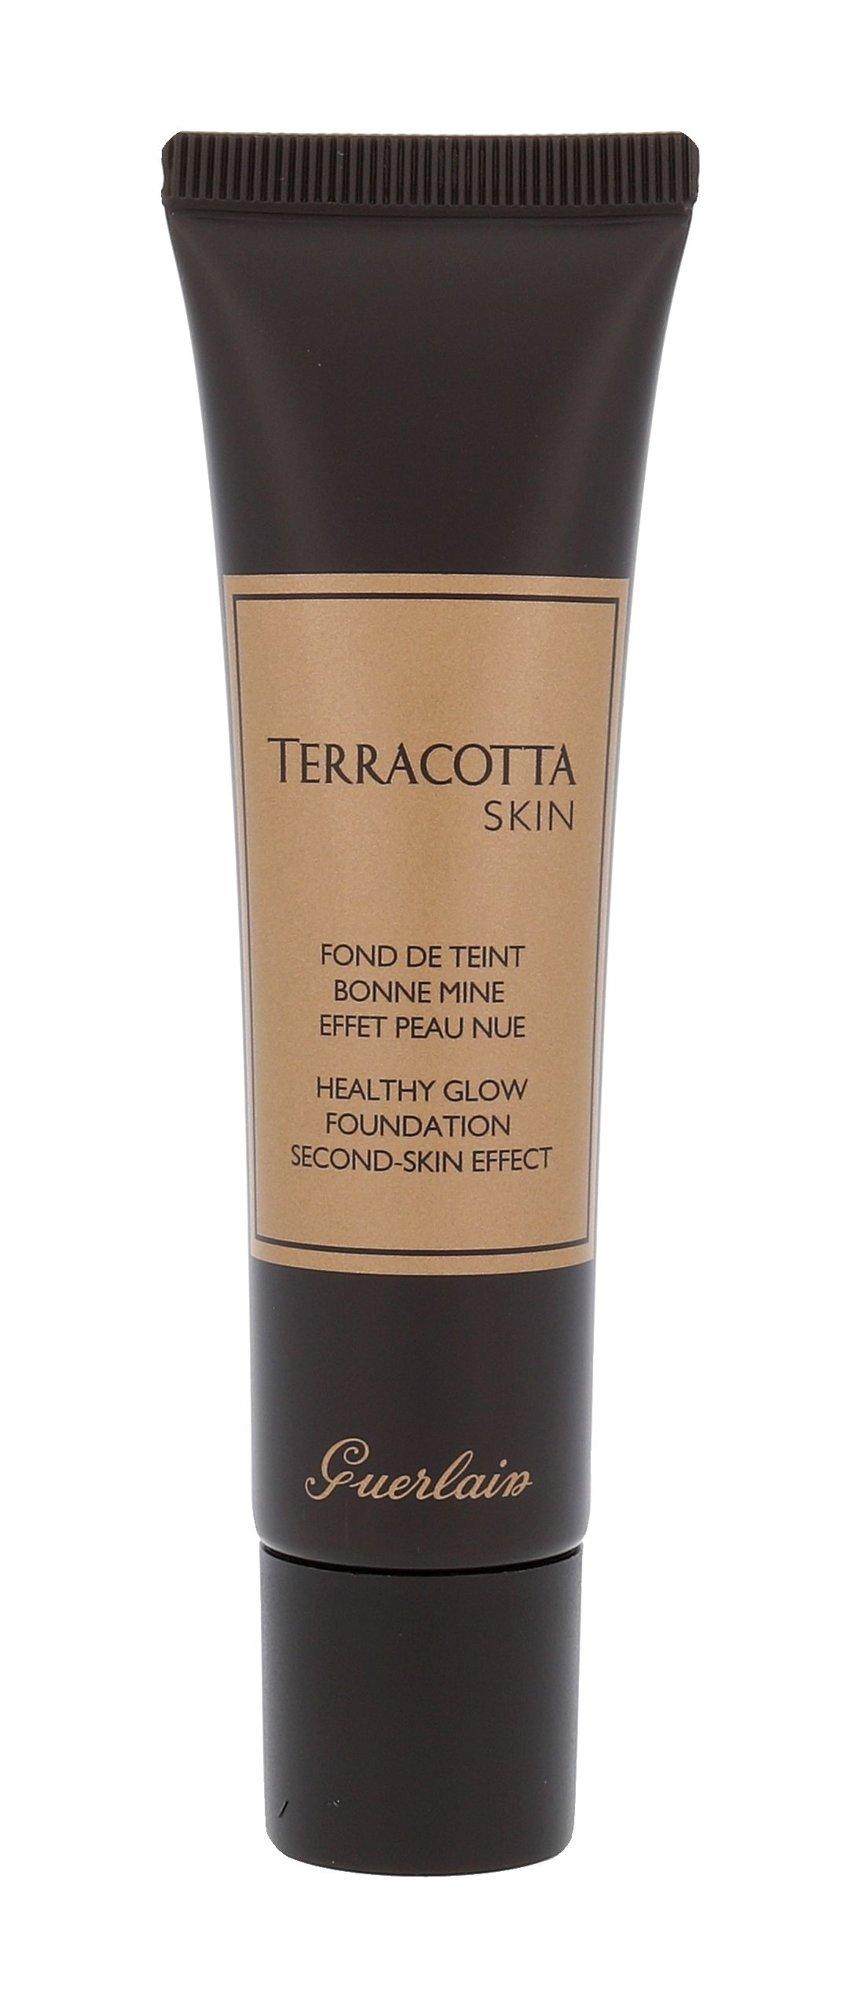 Guerlain Terracotta Cosmetic 30ml 02 Brunettes Skin